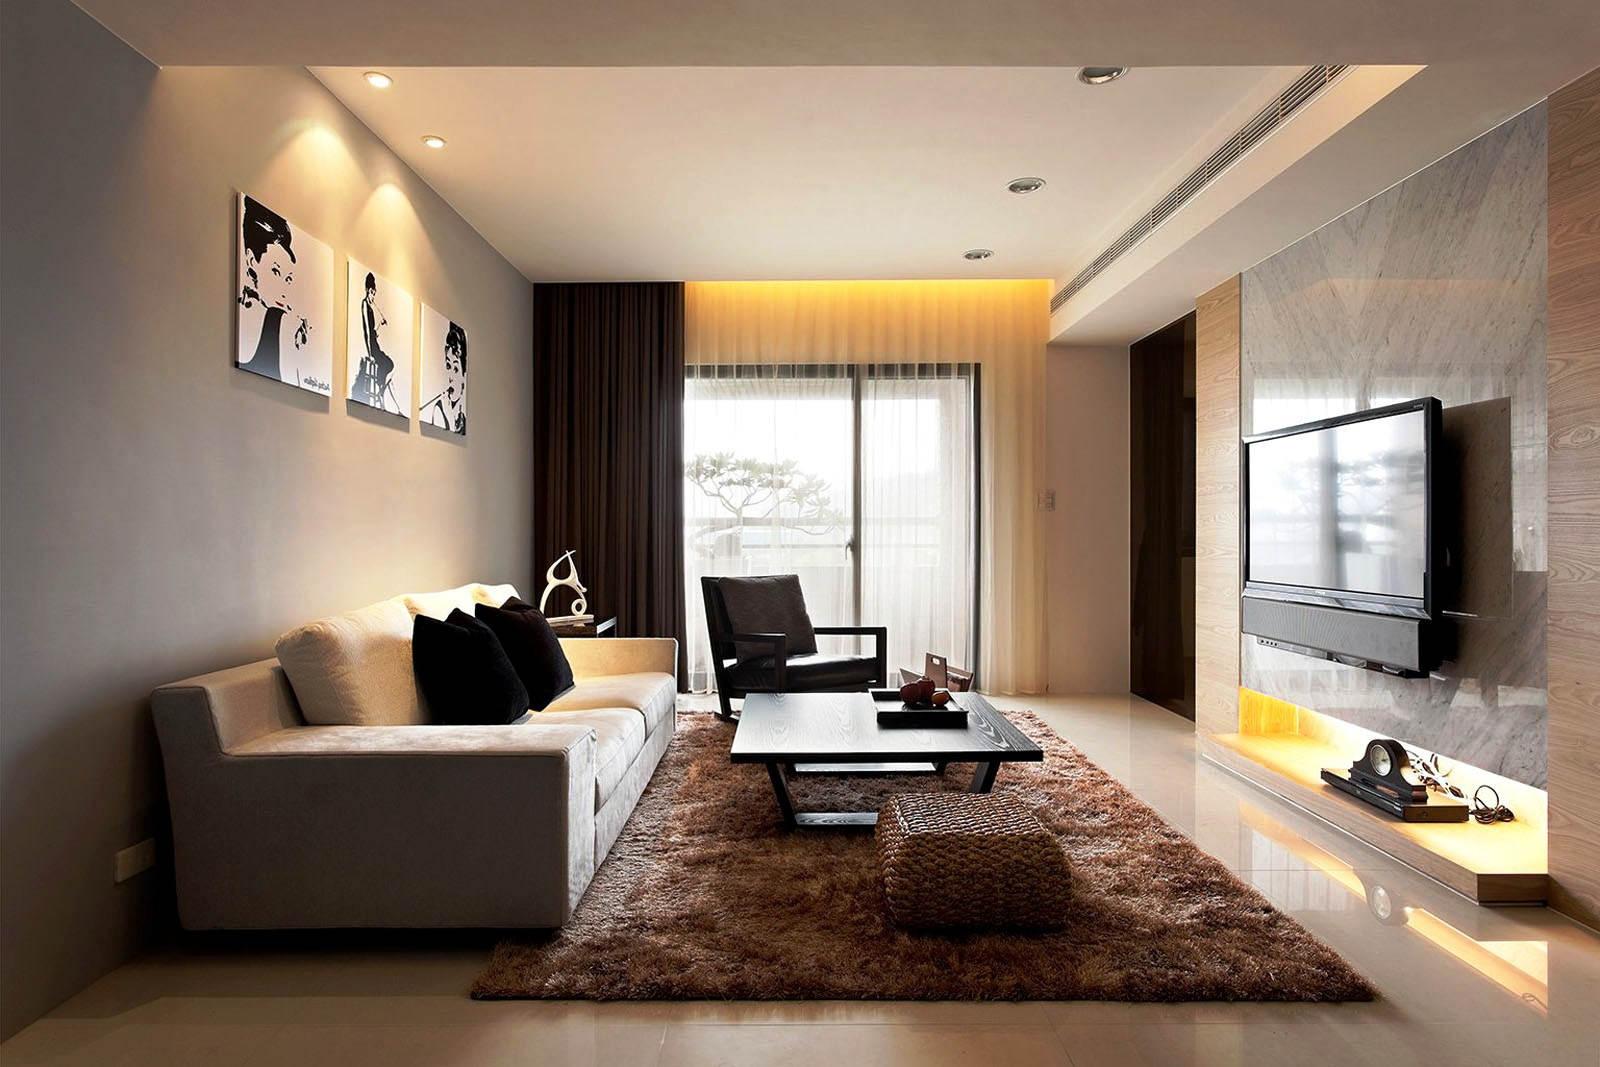 Foto Warna Cat Ruang Tamu Modern yang Bagus